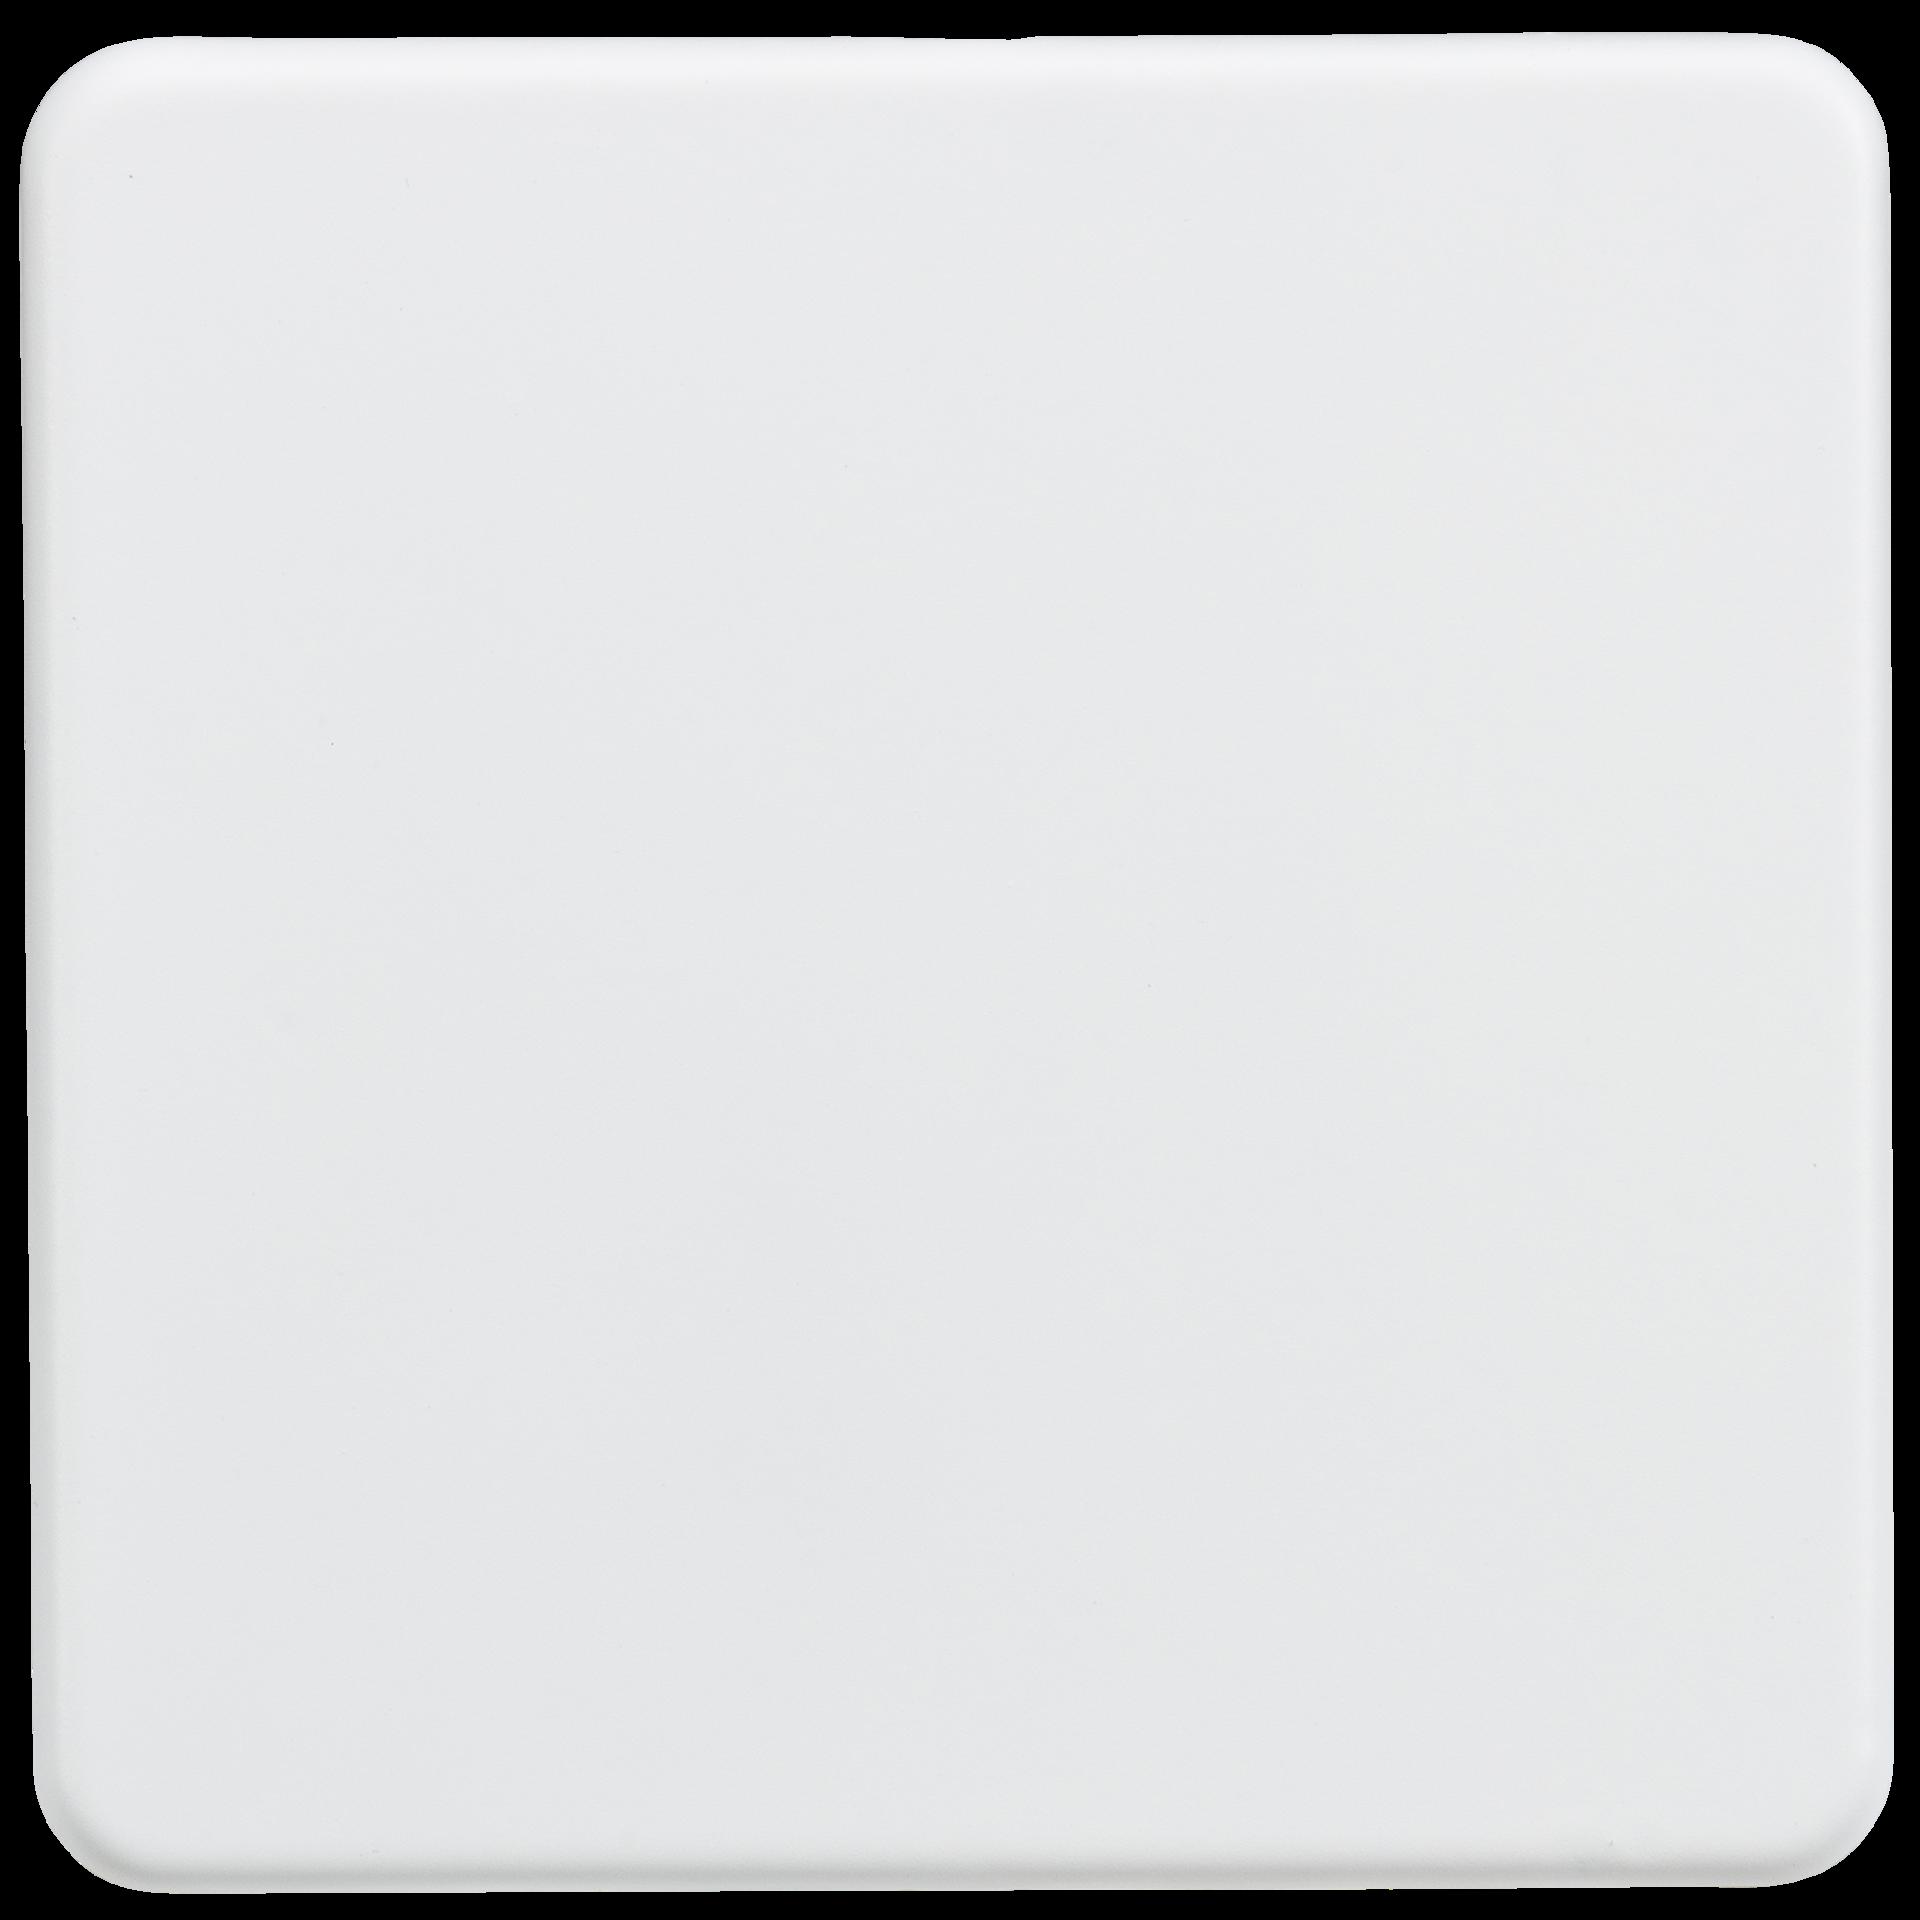 Screwless 1G blanking plate - Matt white